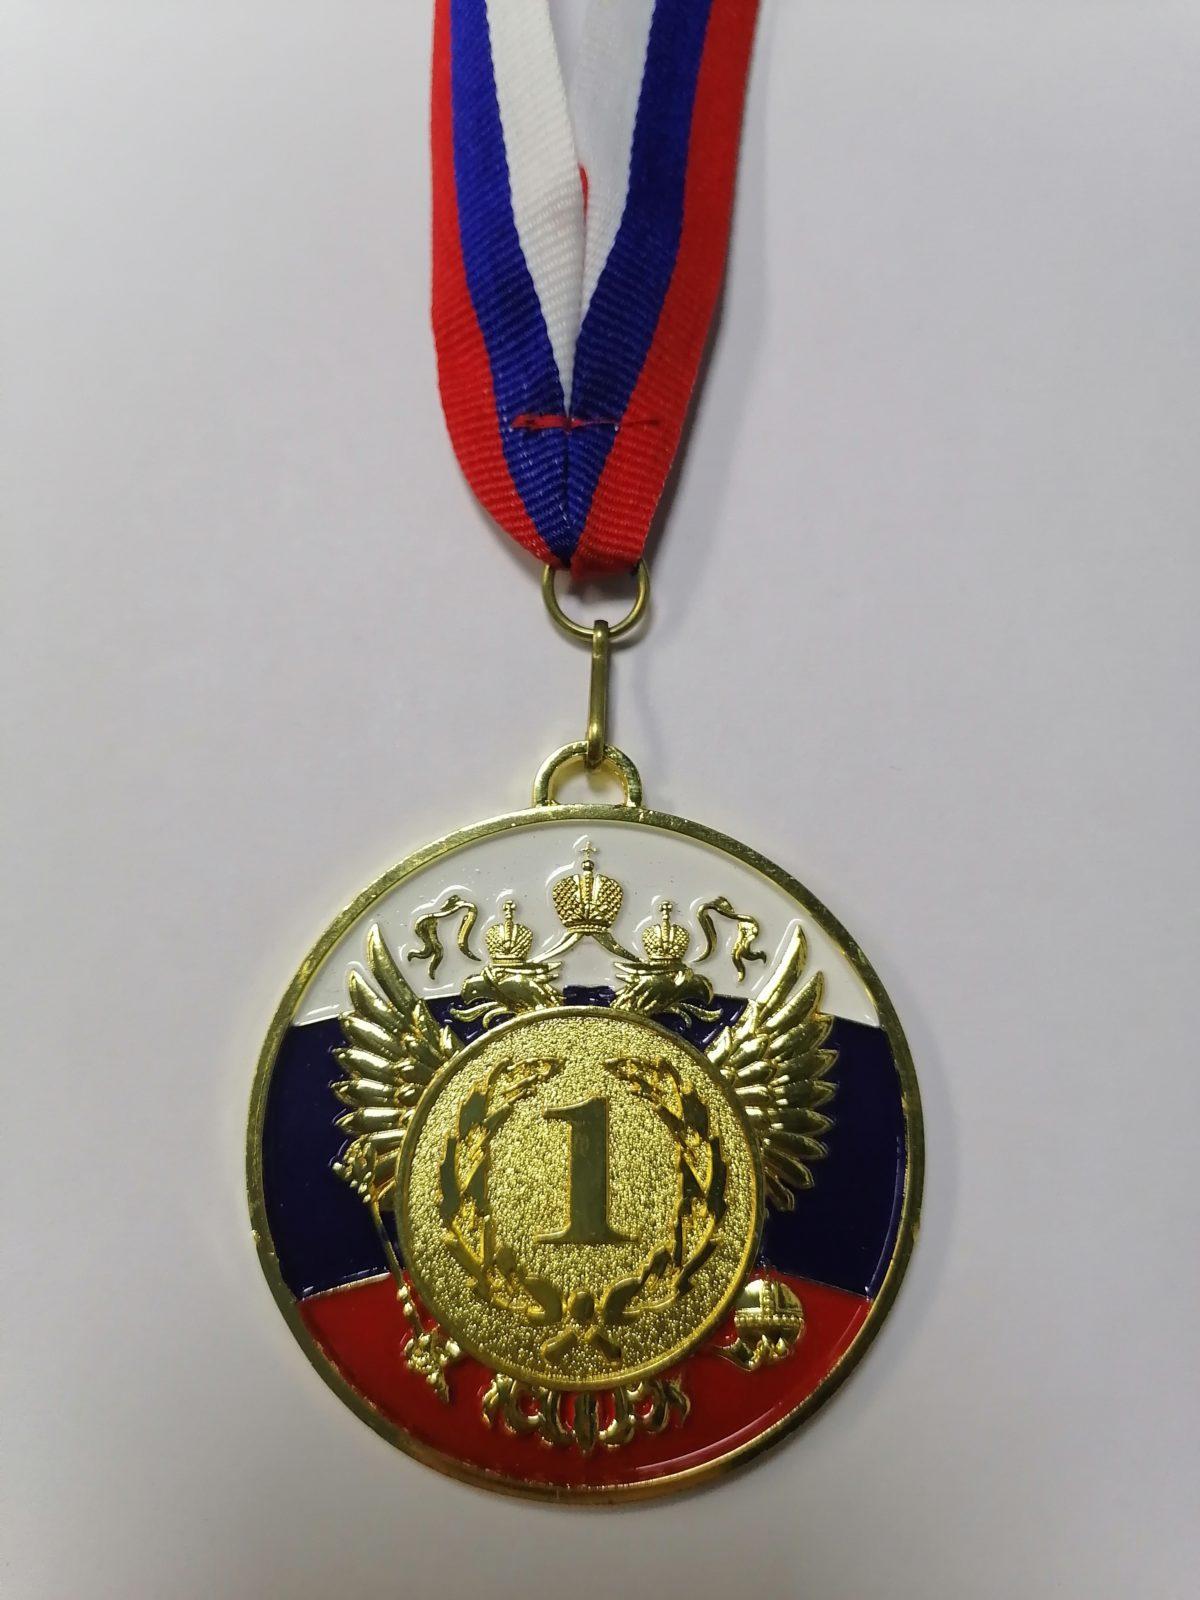 Медаль наградная с лентой, золото  5201-1 - 1